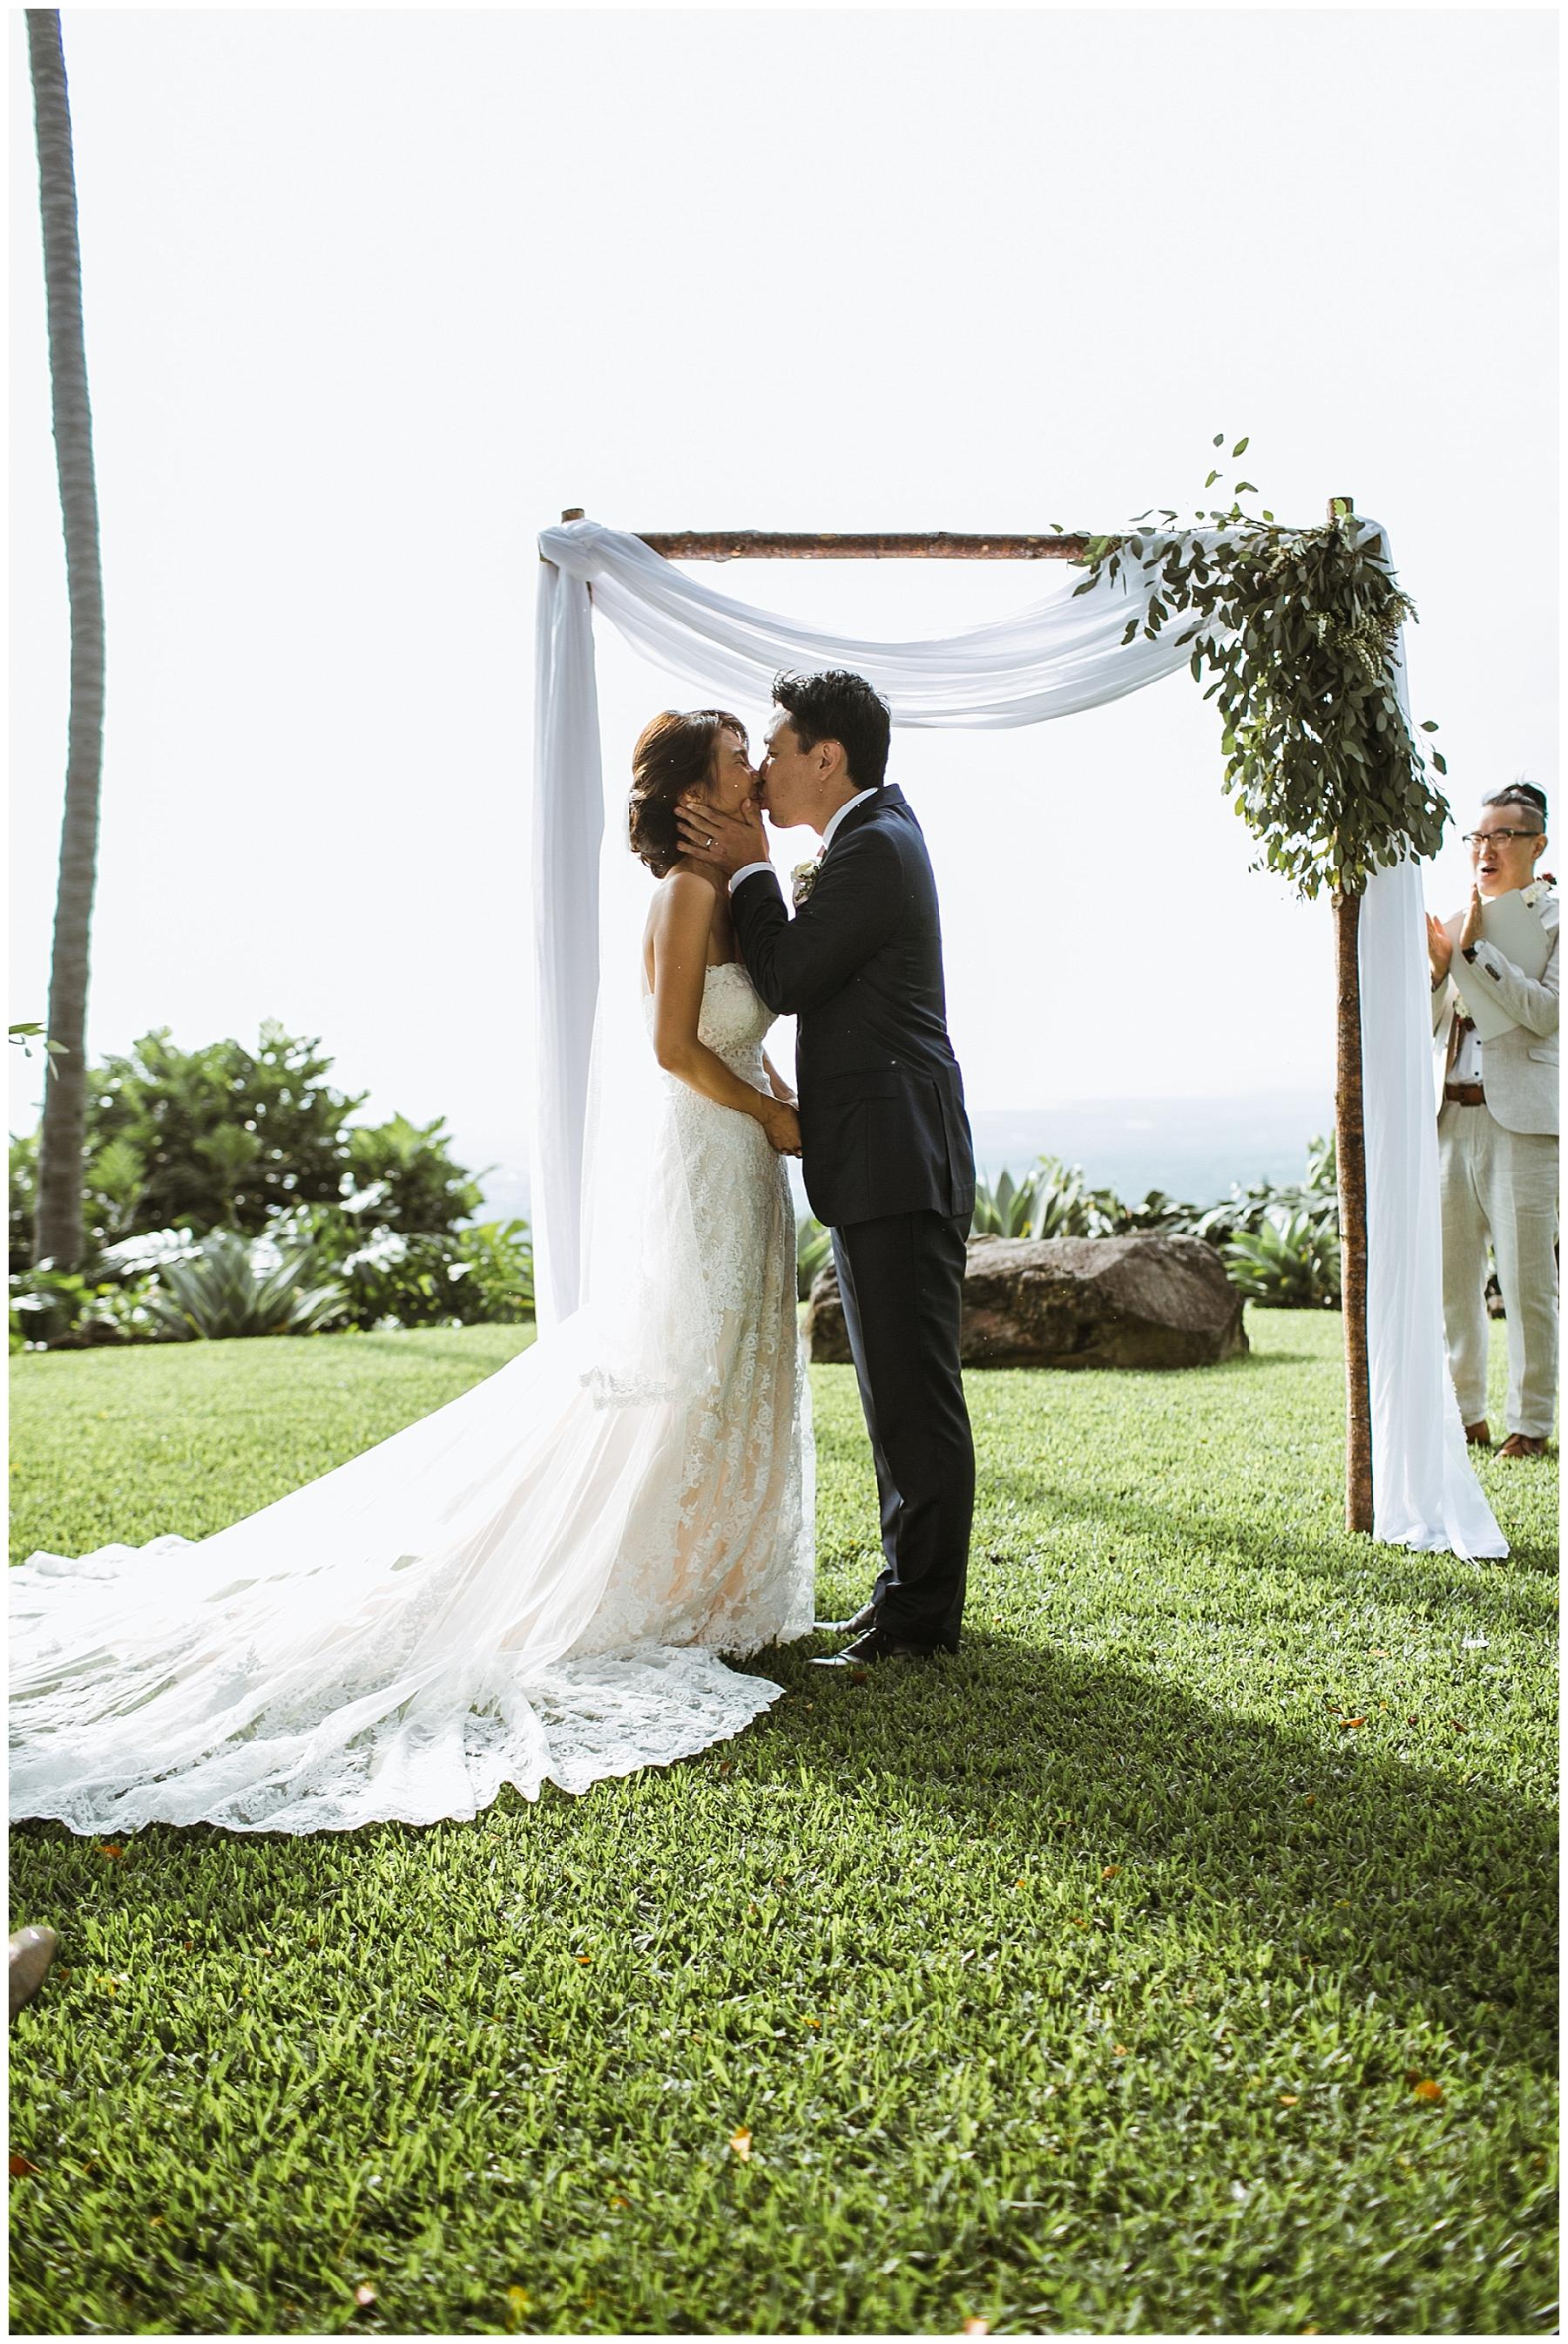 Bliss in Bloom Kailua Kona Hawaii Wedding Event Coordination_0062.jpg